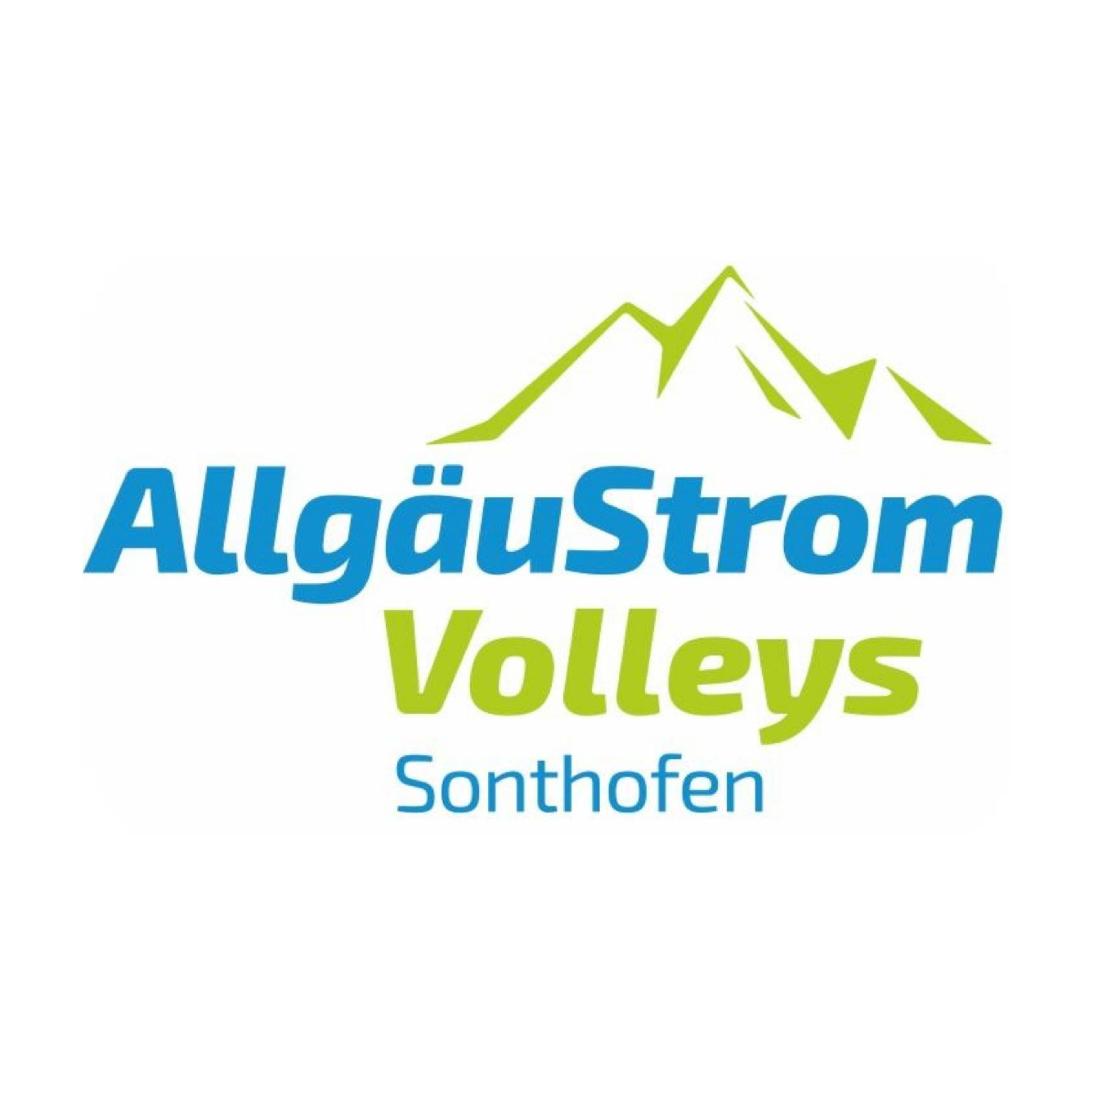 AllgäuStrom Volleys